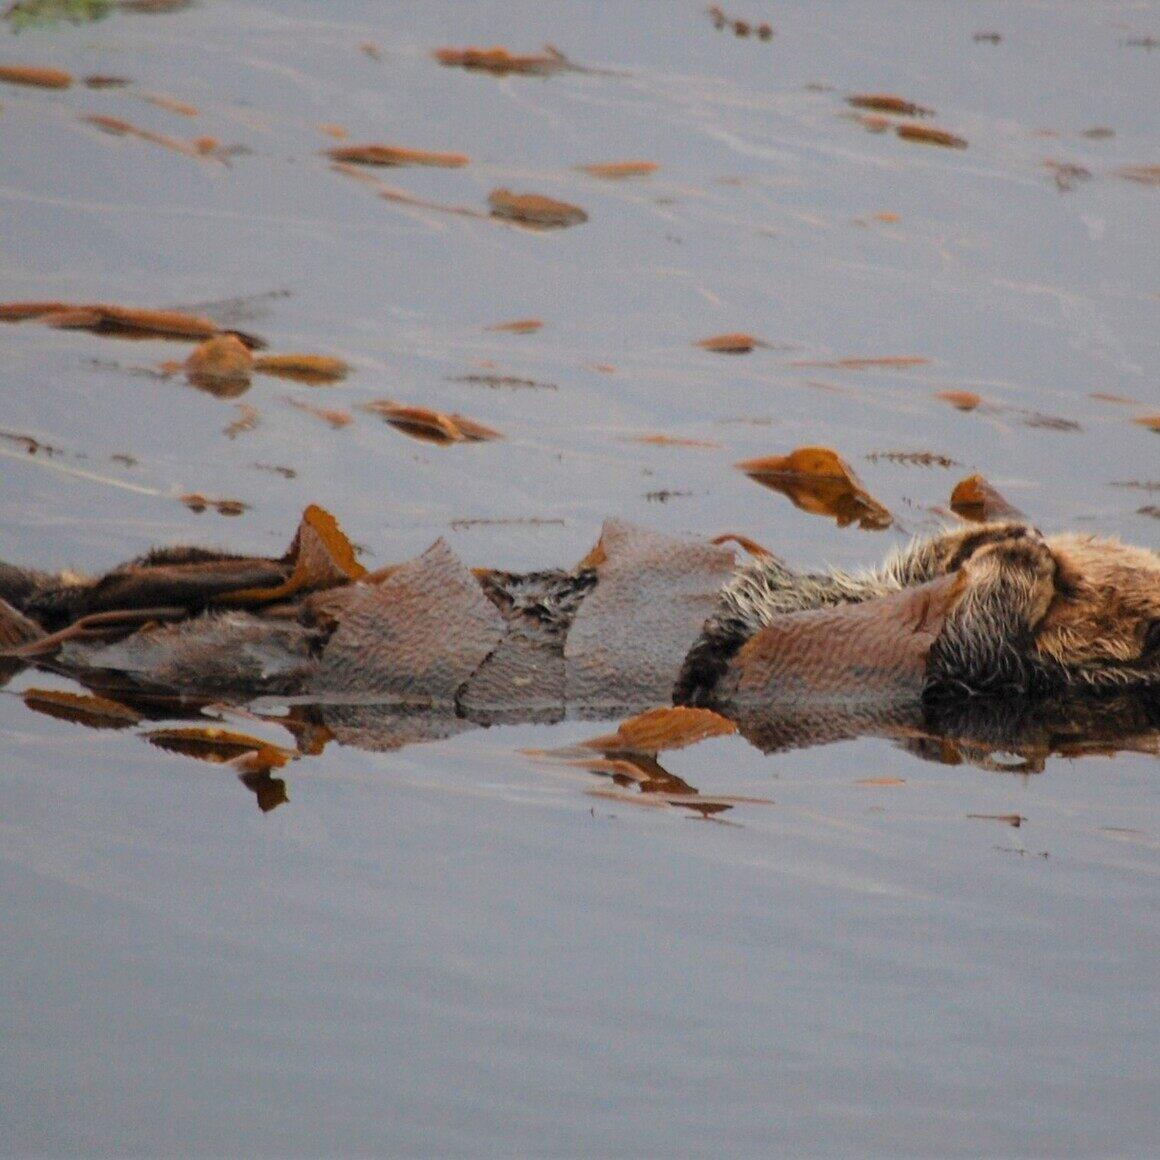 Sea otter at Morro Bay.